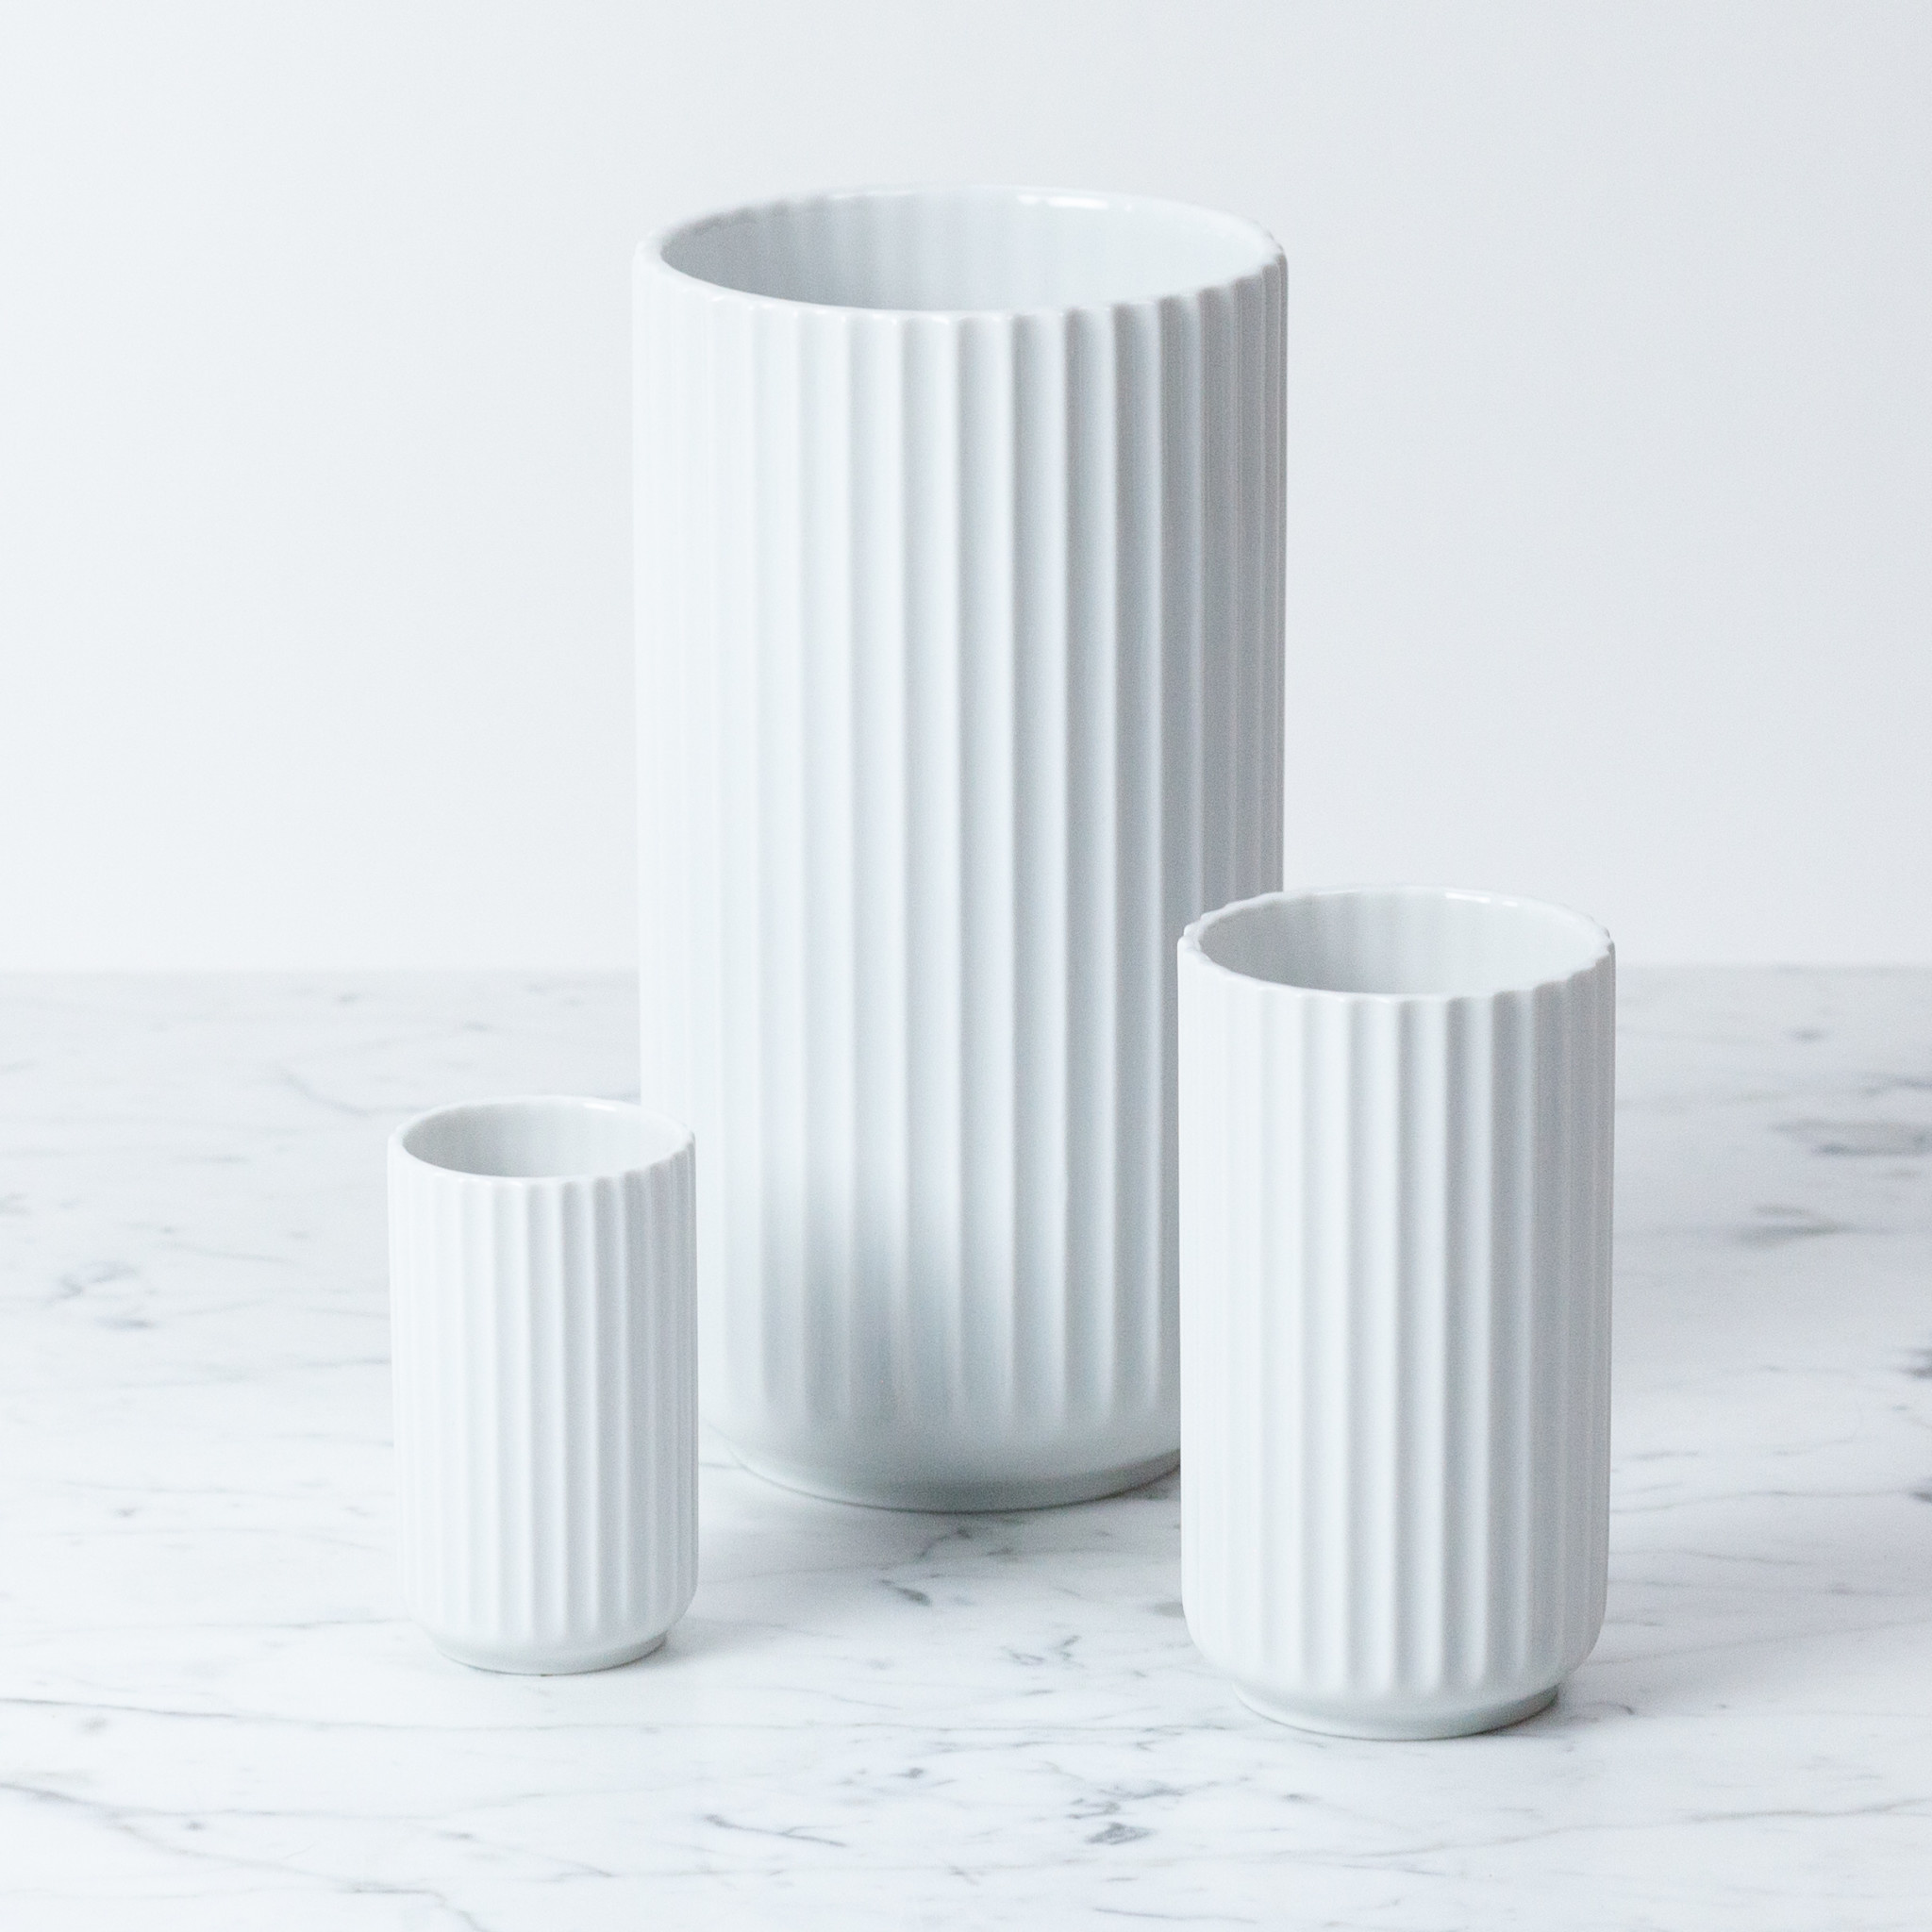 Lyngby Porcelain Lyngby Fluted Vase - 20 cm - Glossy White